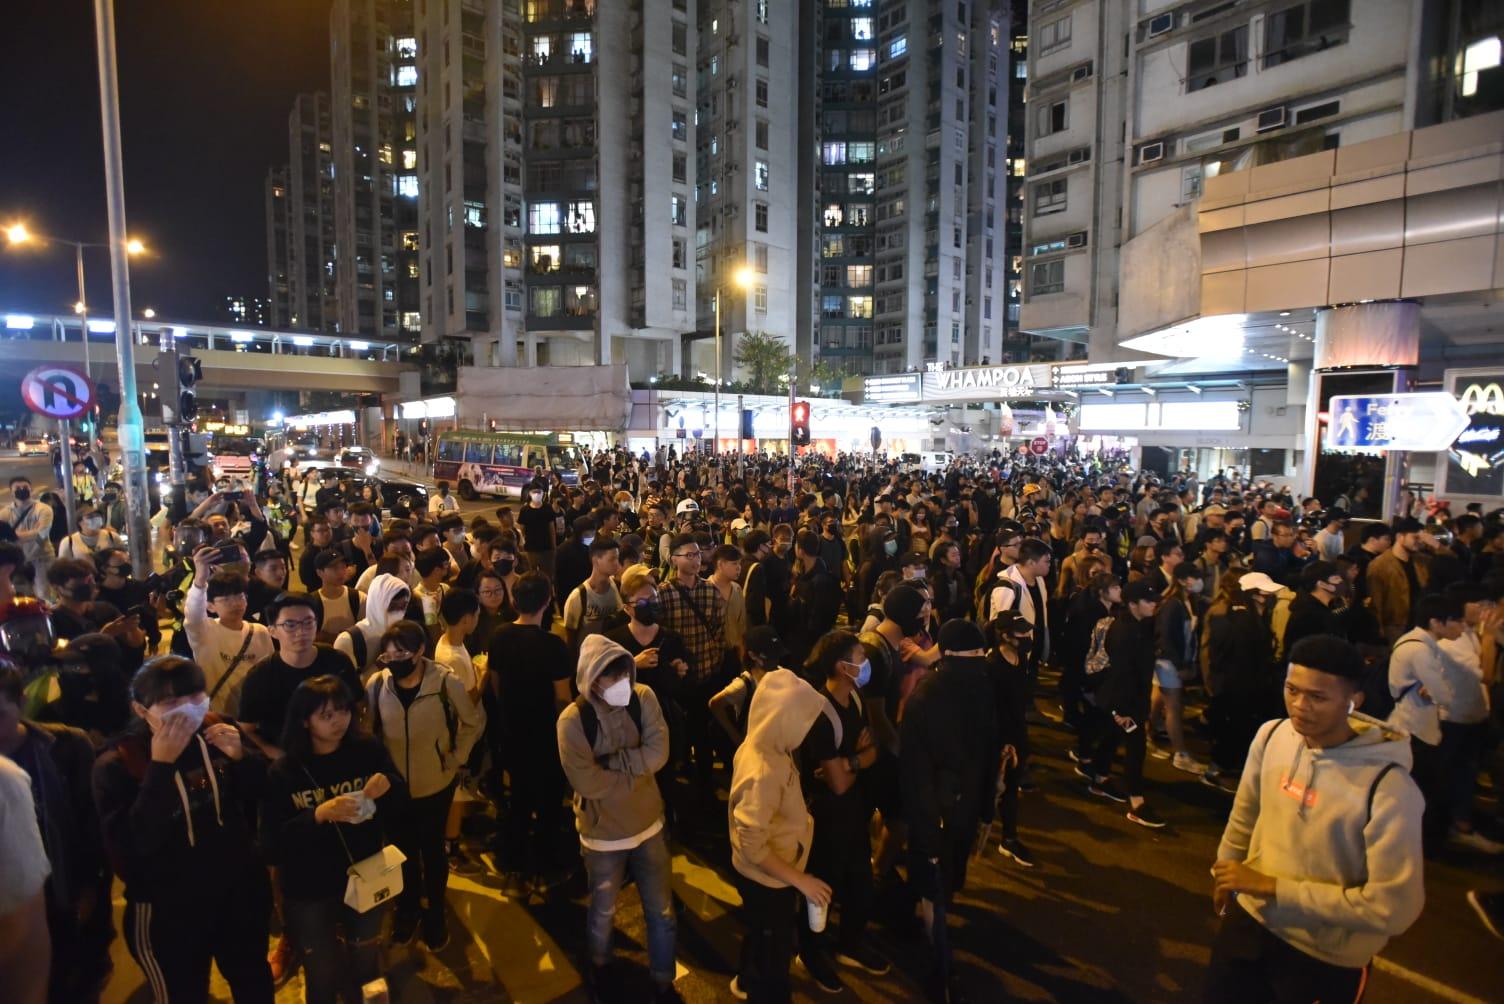 黃埔大批示威者聚集